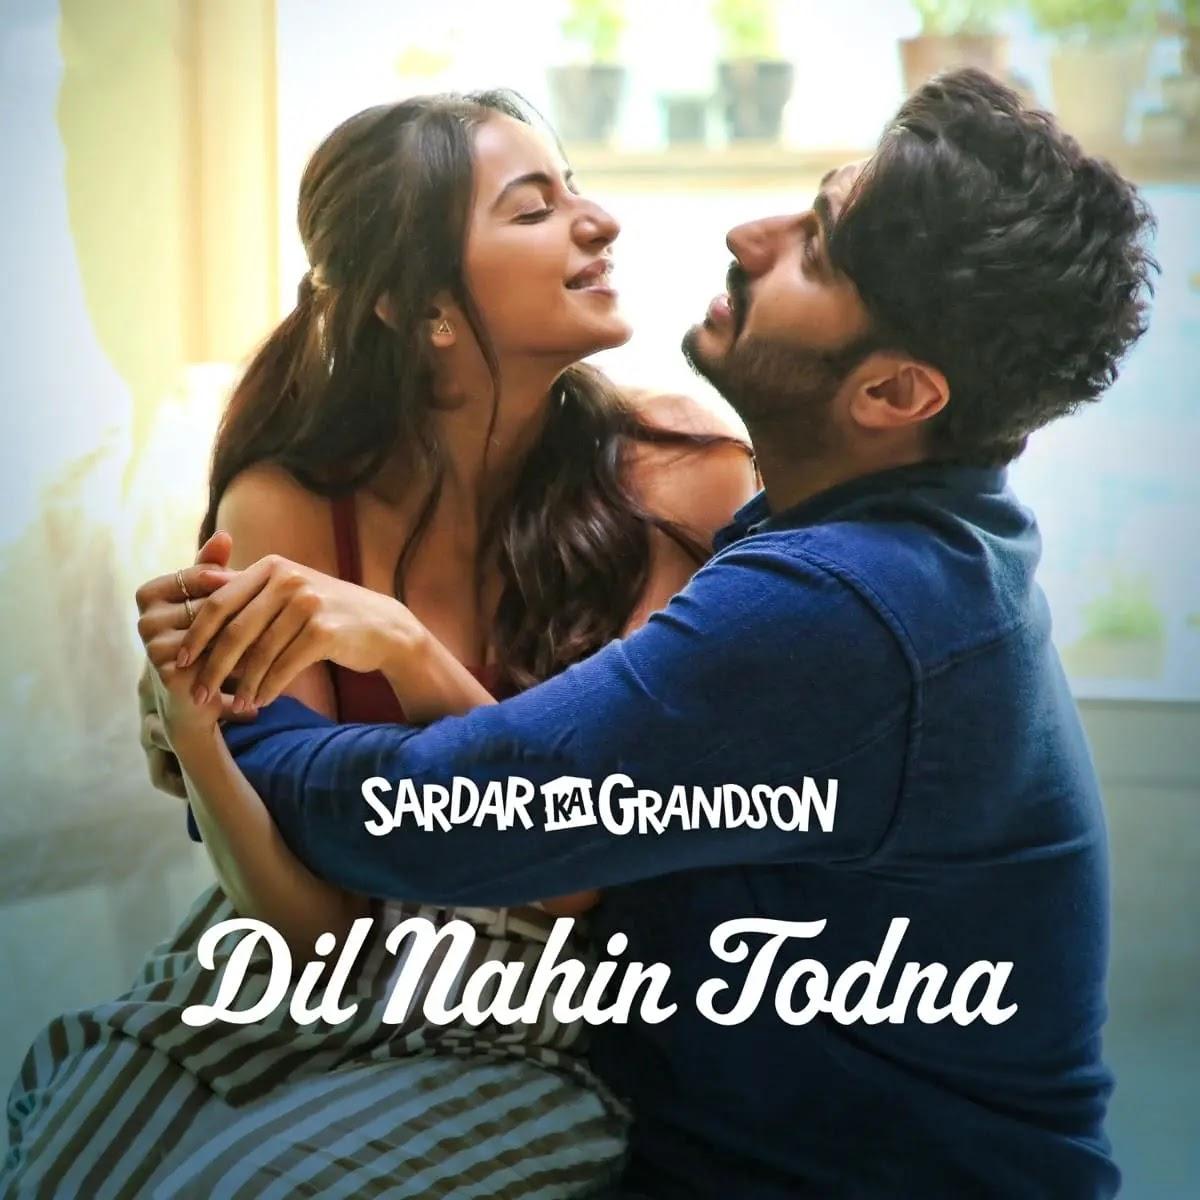 Dil Nahin Todna Song Download MP3 With Hindi Lyrics